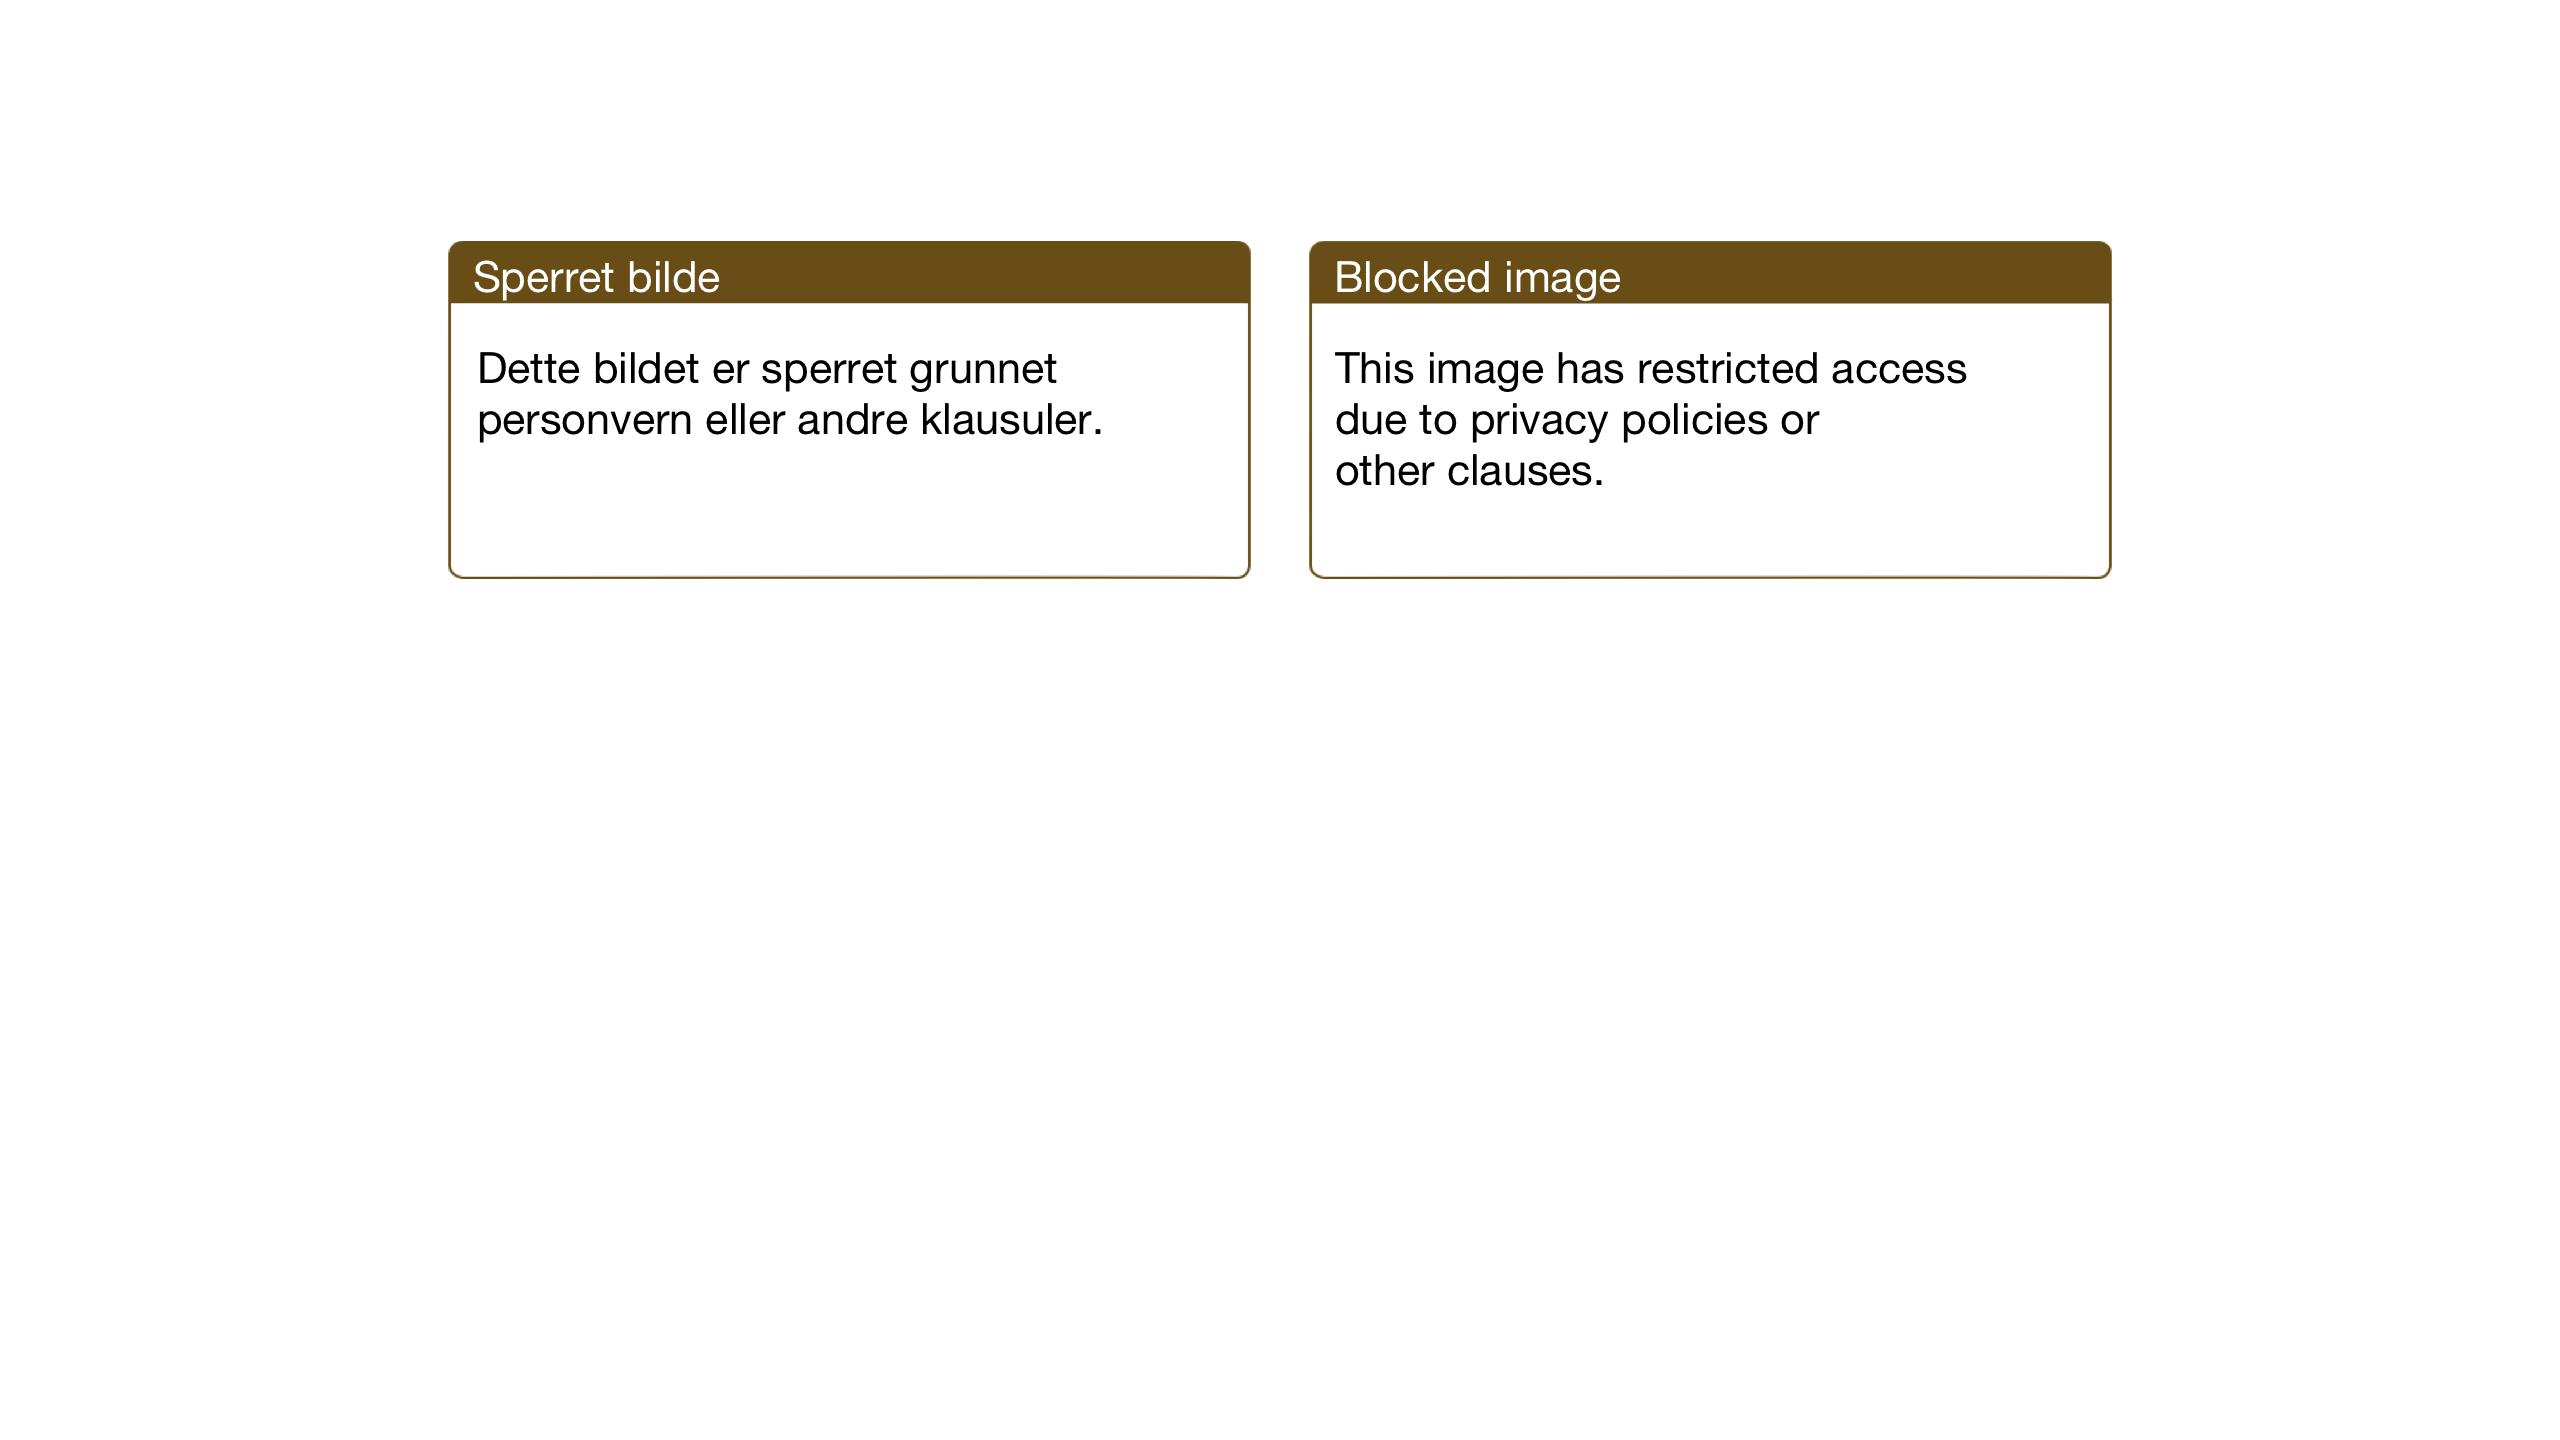 SAT, Ministerialprotokoller, klokkerbøker og fødselsregistre - Nord-Trøndelag, 755/L0500: Klokkerbok nr. 755C01, 1920-1962, s. 64